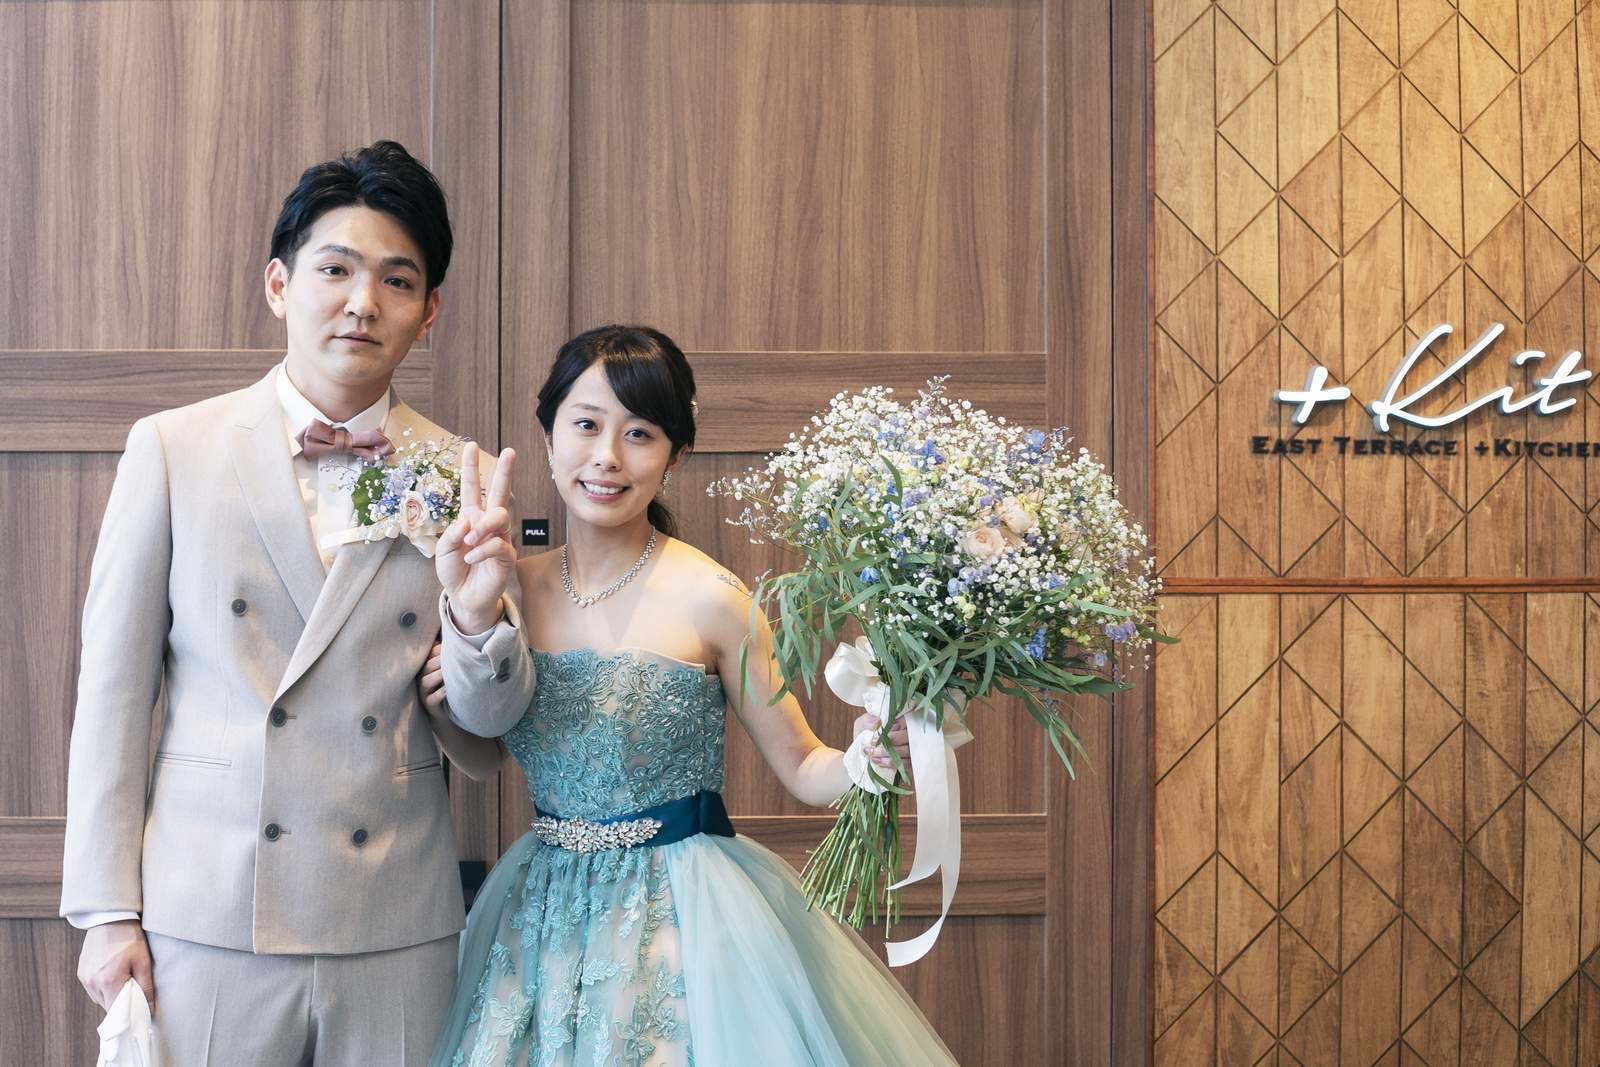 高松市の結婚式場アナザースタイルの披露宴会場前で新郎新婦ショット